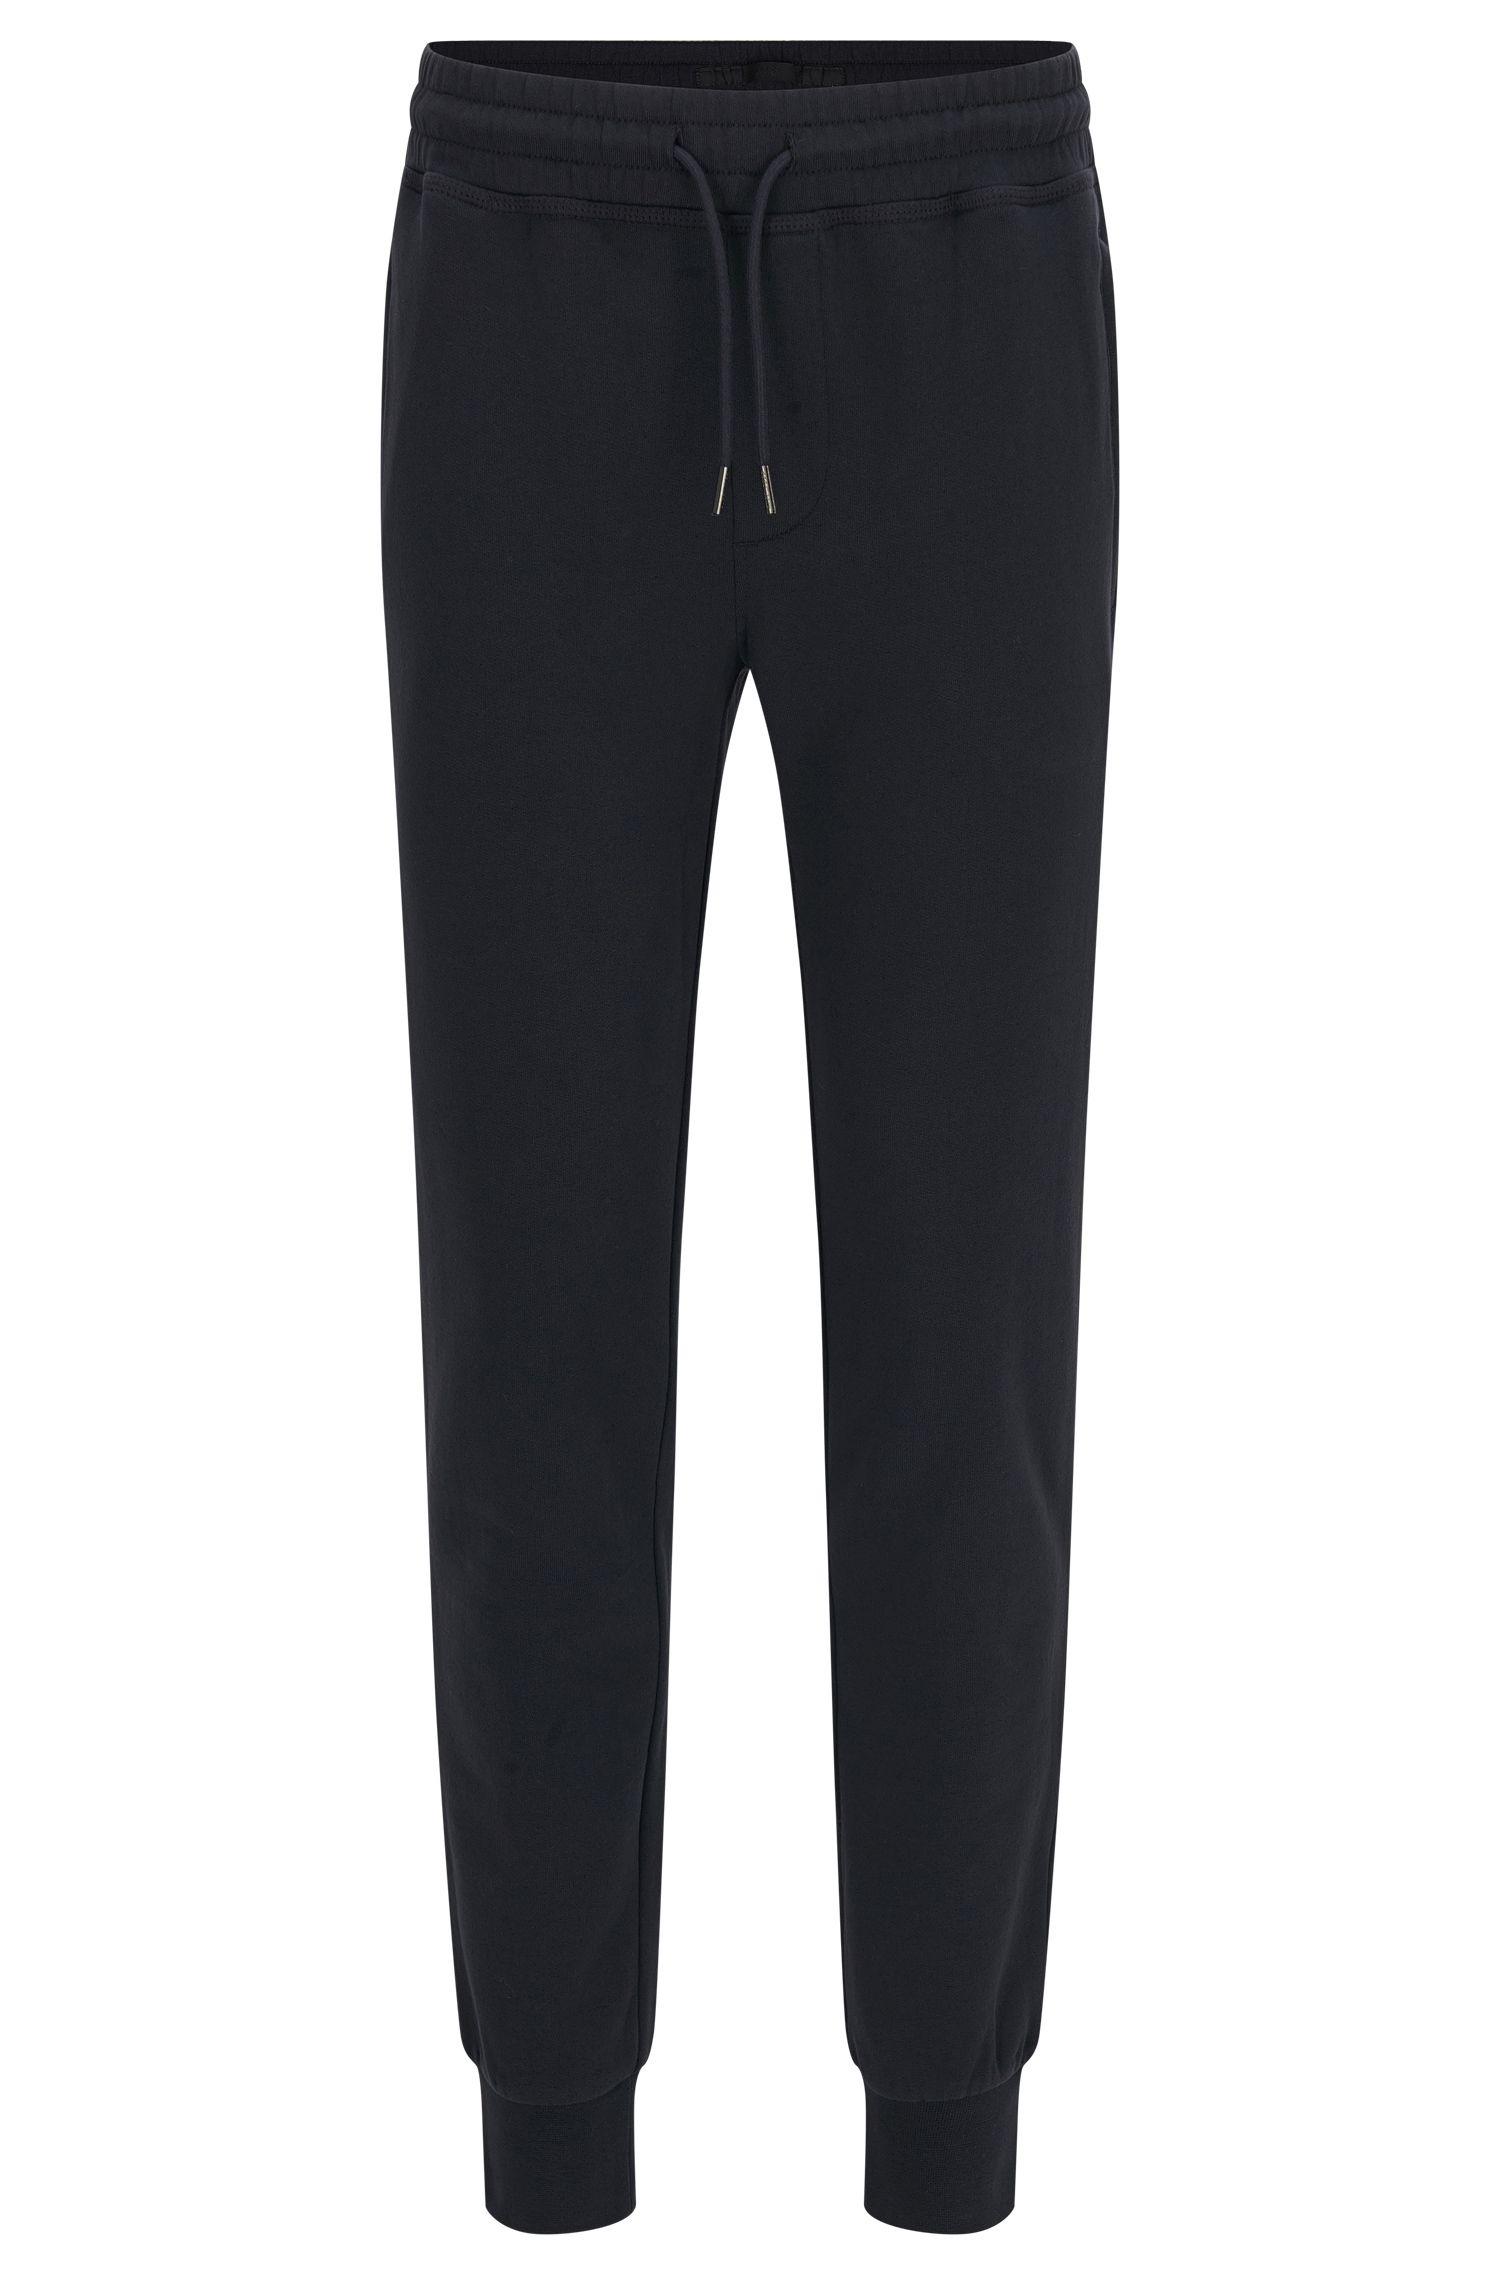 Pantaloni in felpa mélange in cotone, con tasche con zip. 'Lamont 03-WS'